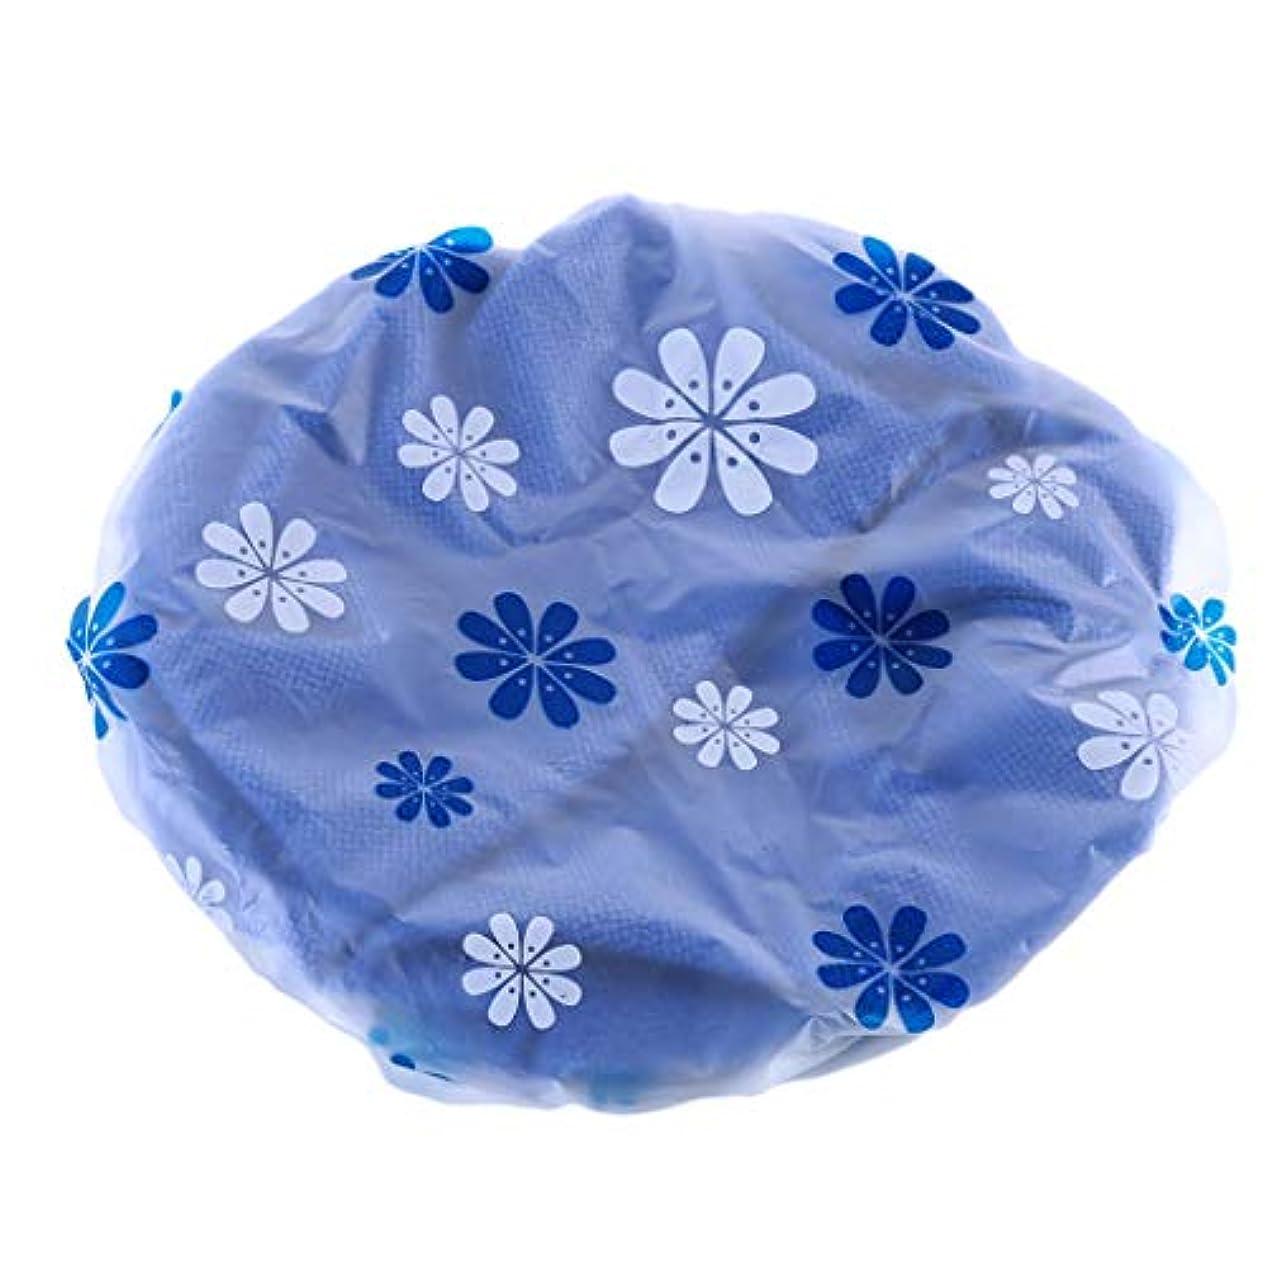 スライム政治的列車MARUIKAO シャワーキャップ 入浴キャップ ヘアキャップ ヘアーターバン 帽子 お風呂 シャワー用に 5色